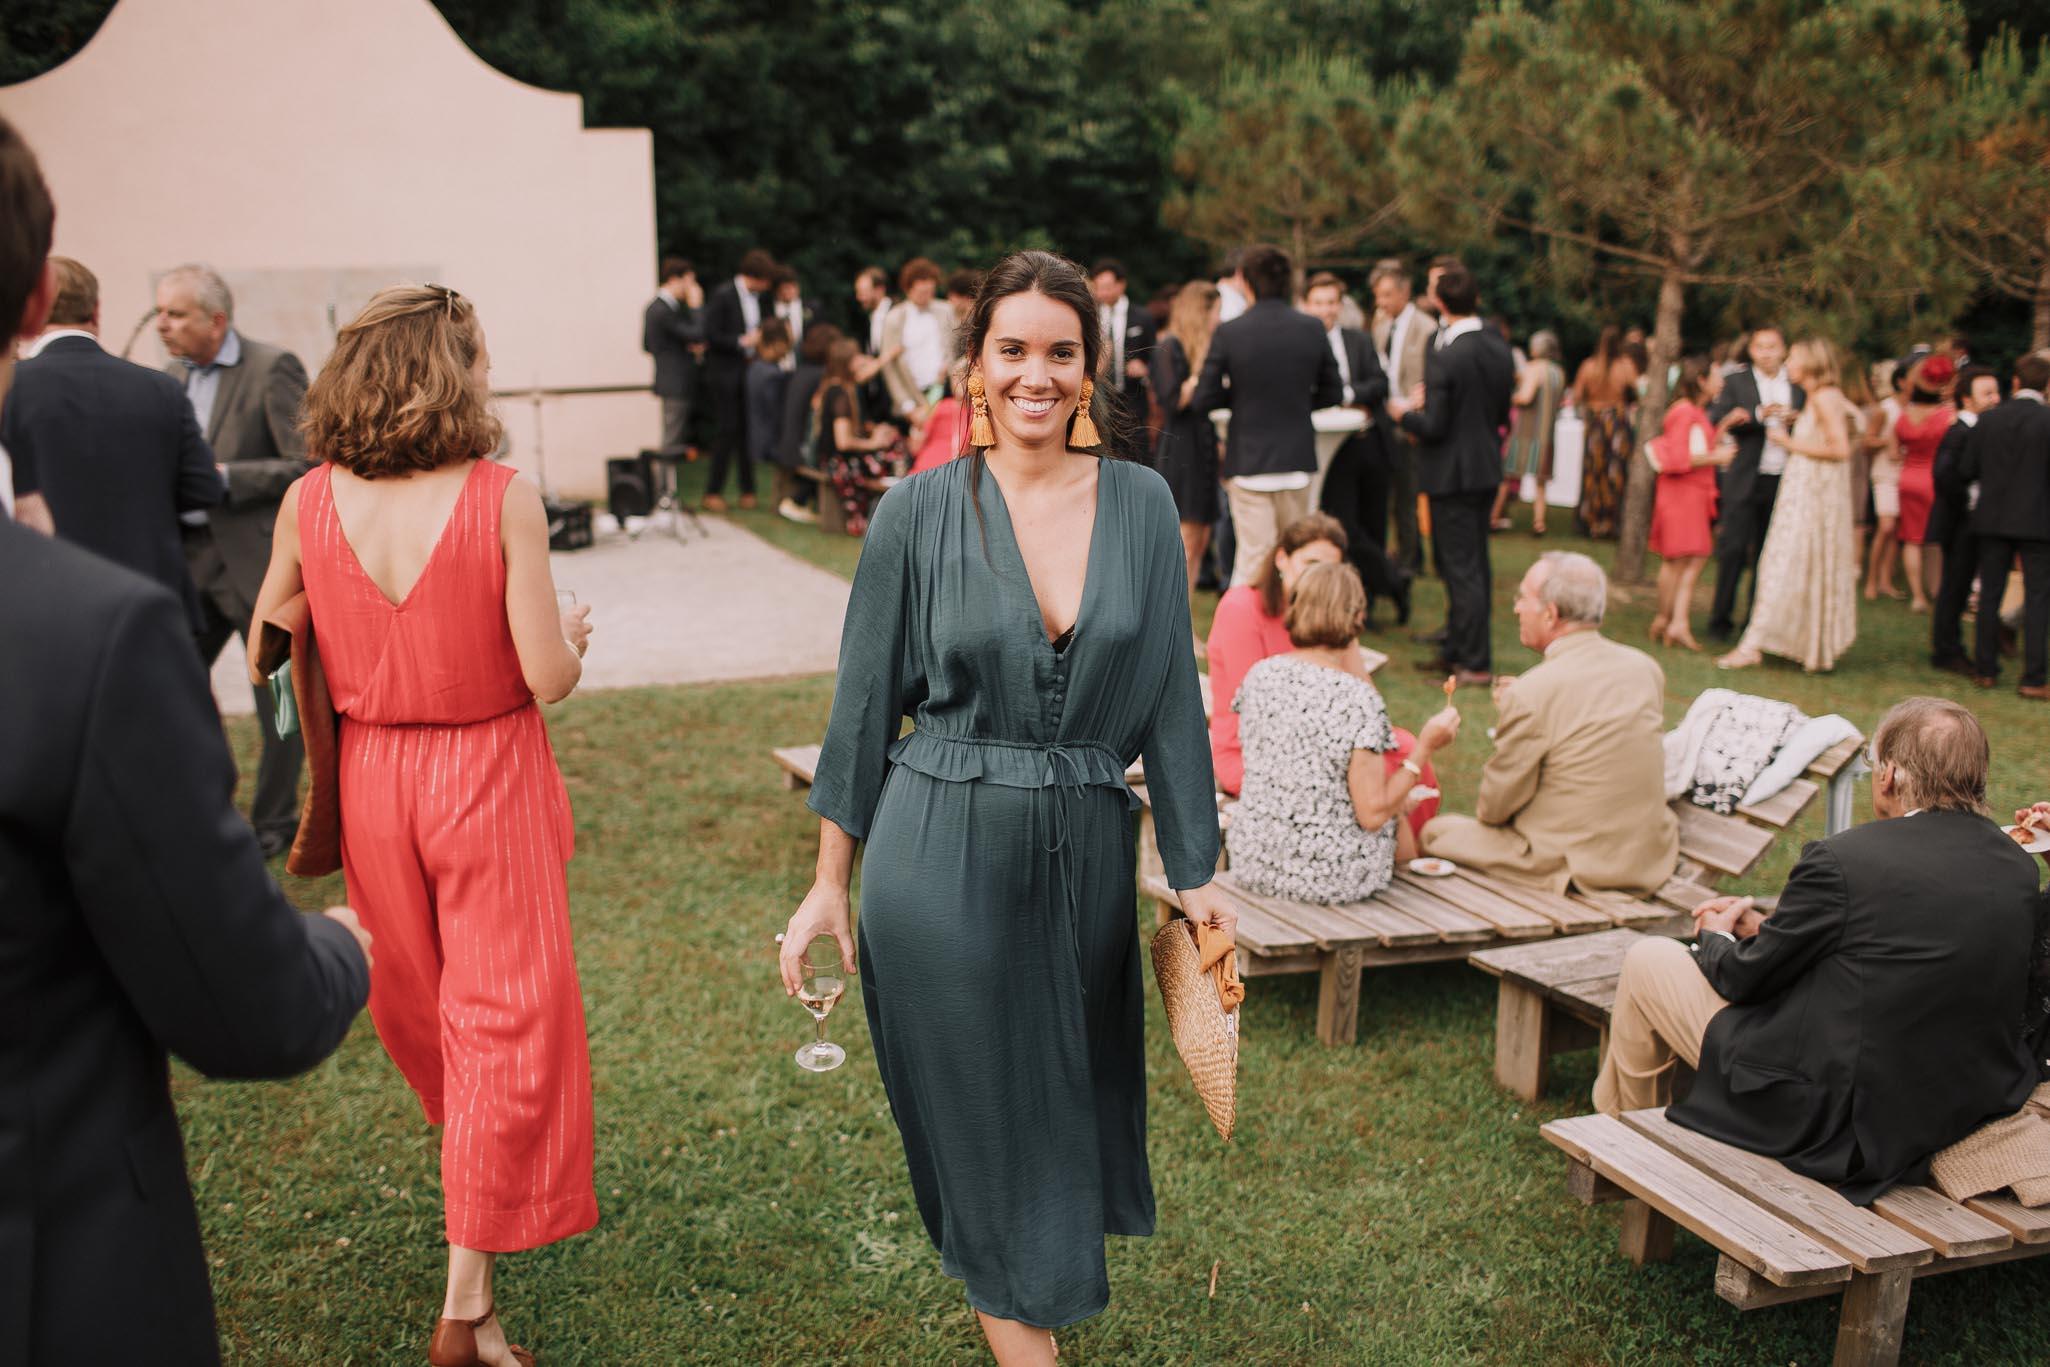 Photographe-mariage-bordeaux-jeremy-boyer-pays-basque-ihartze-artea-sare-robe-eleonore-pauc-couple-amour-103.jpg